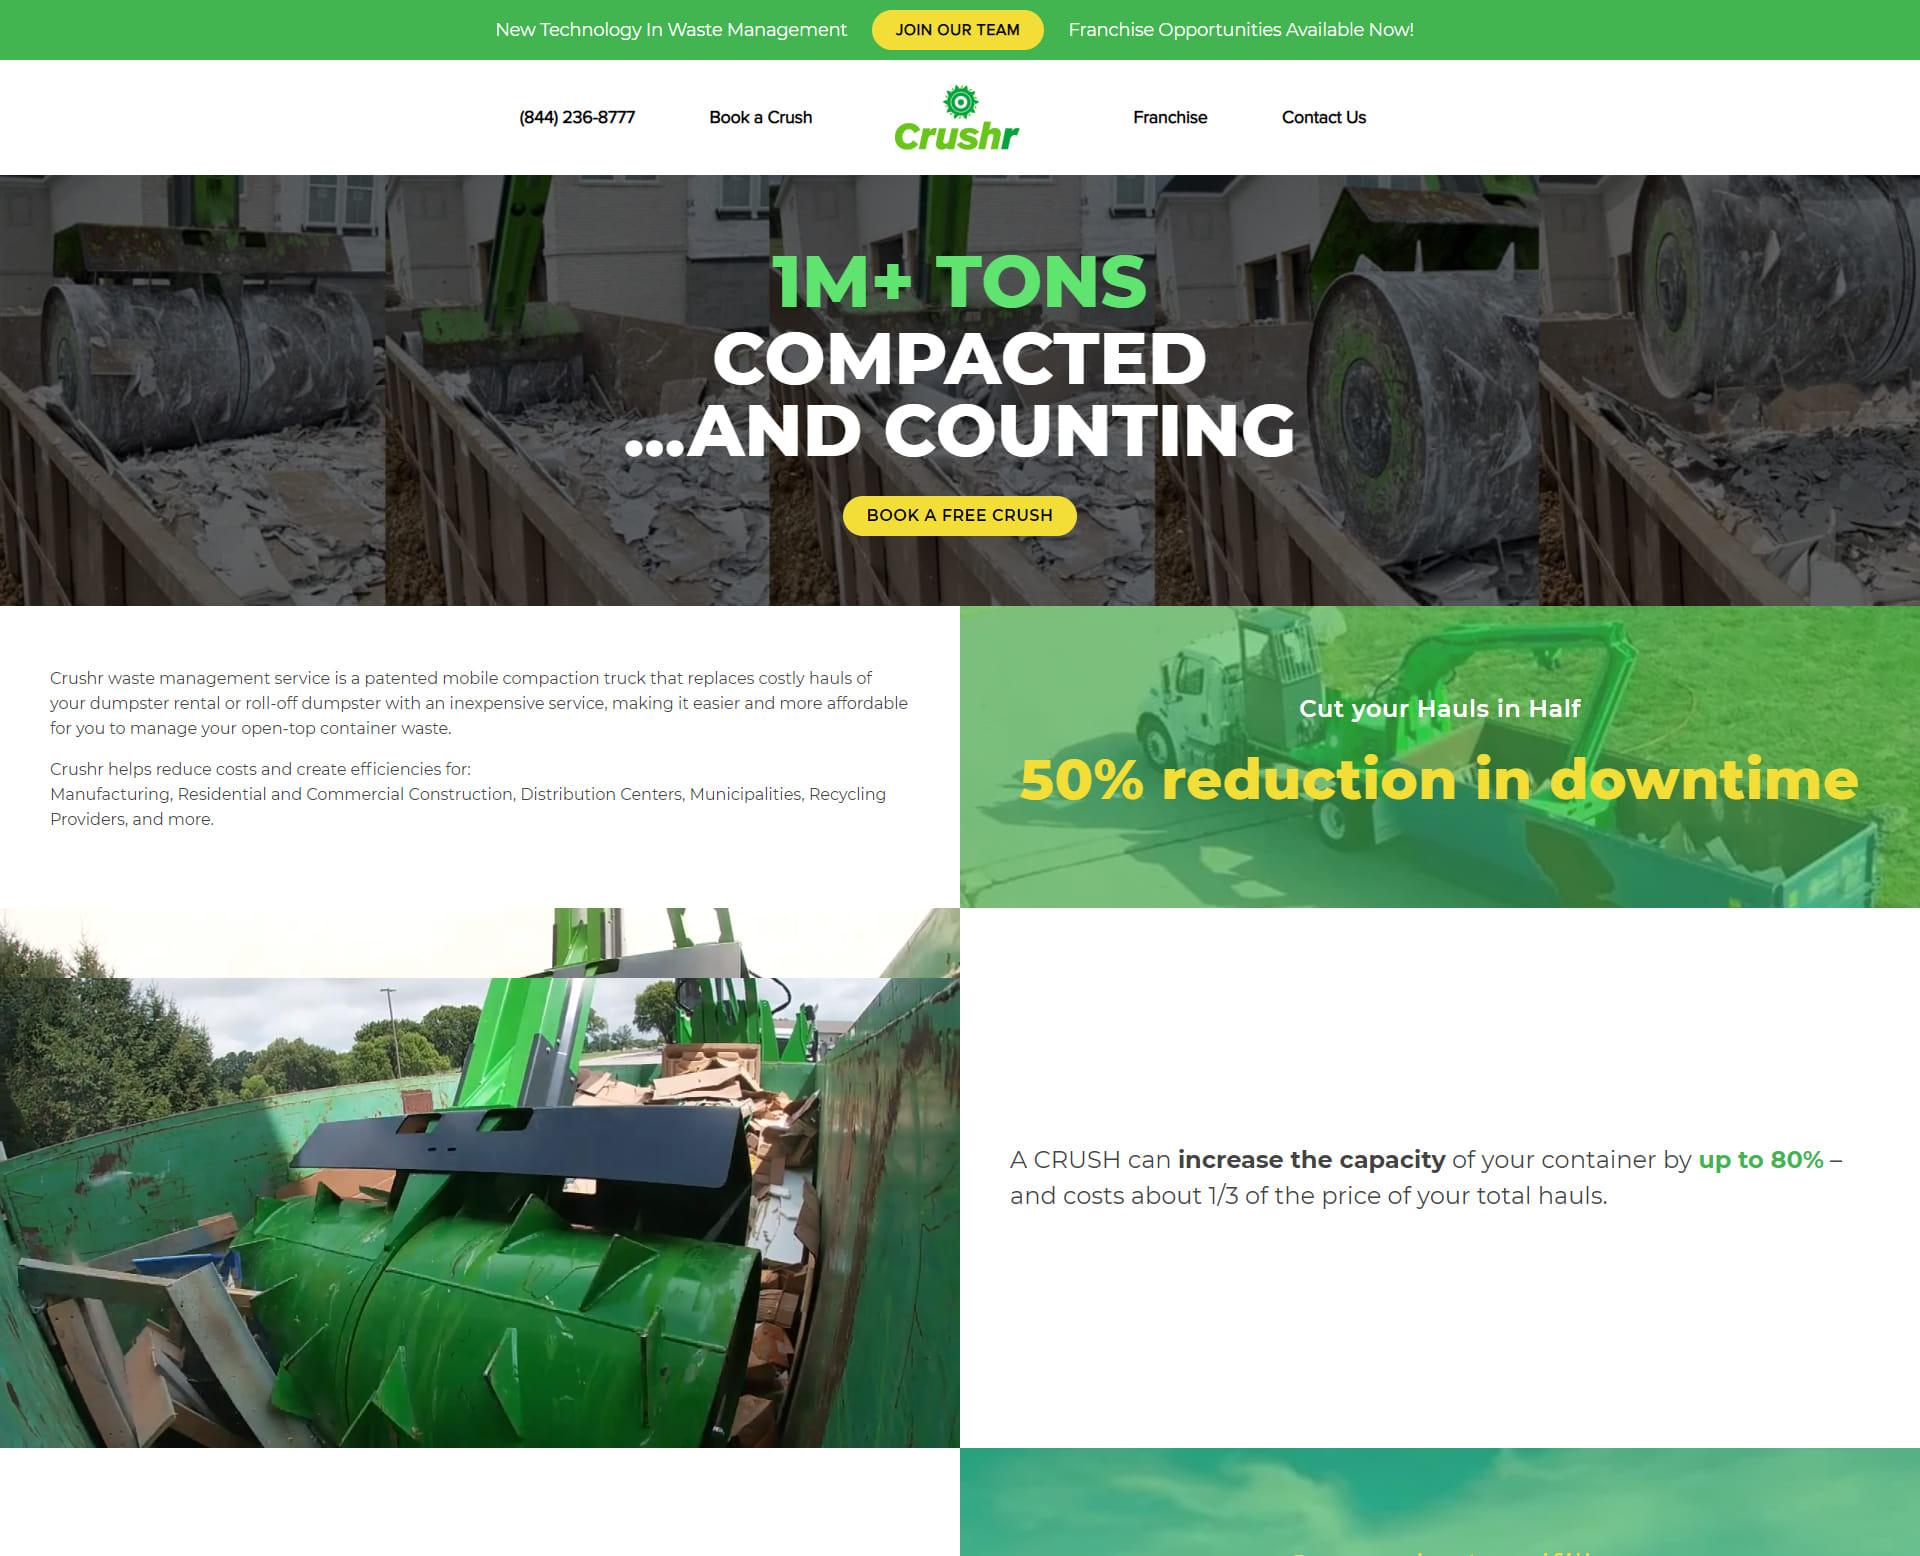 DumpsterCrushr Portfolio image